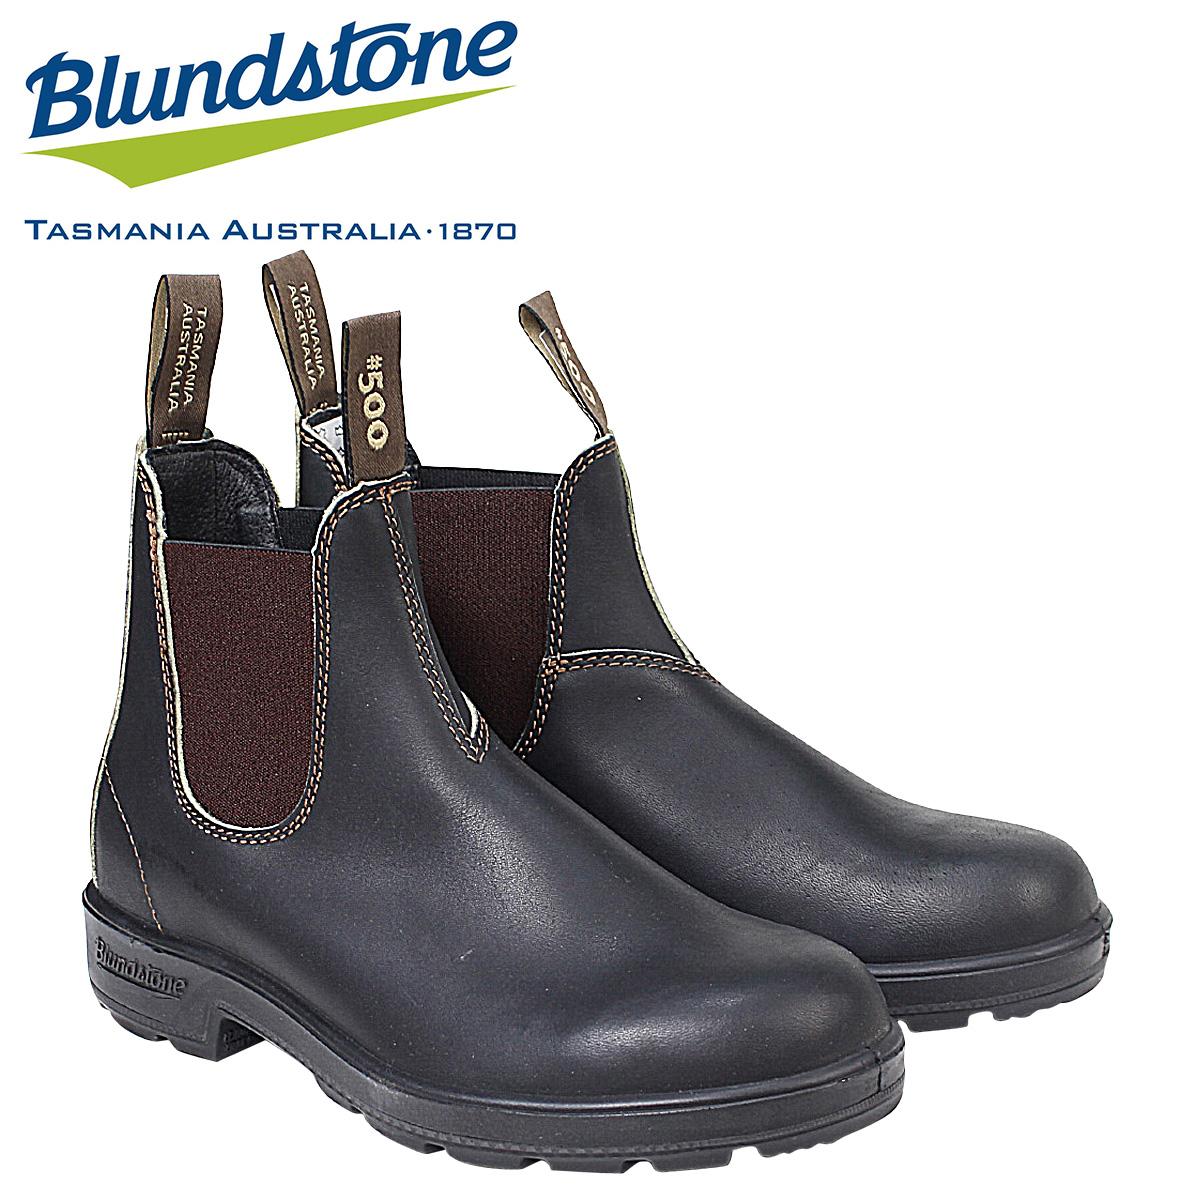 Blundstone ブランドストーン サイドゴア メンズ 500 ブーツ DRESS V CUT BOOTS ブラウン